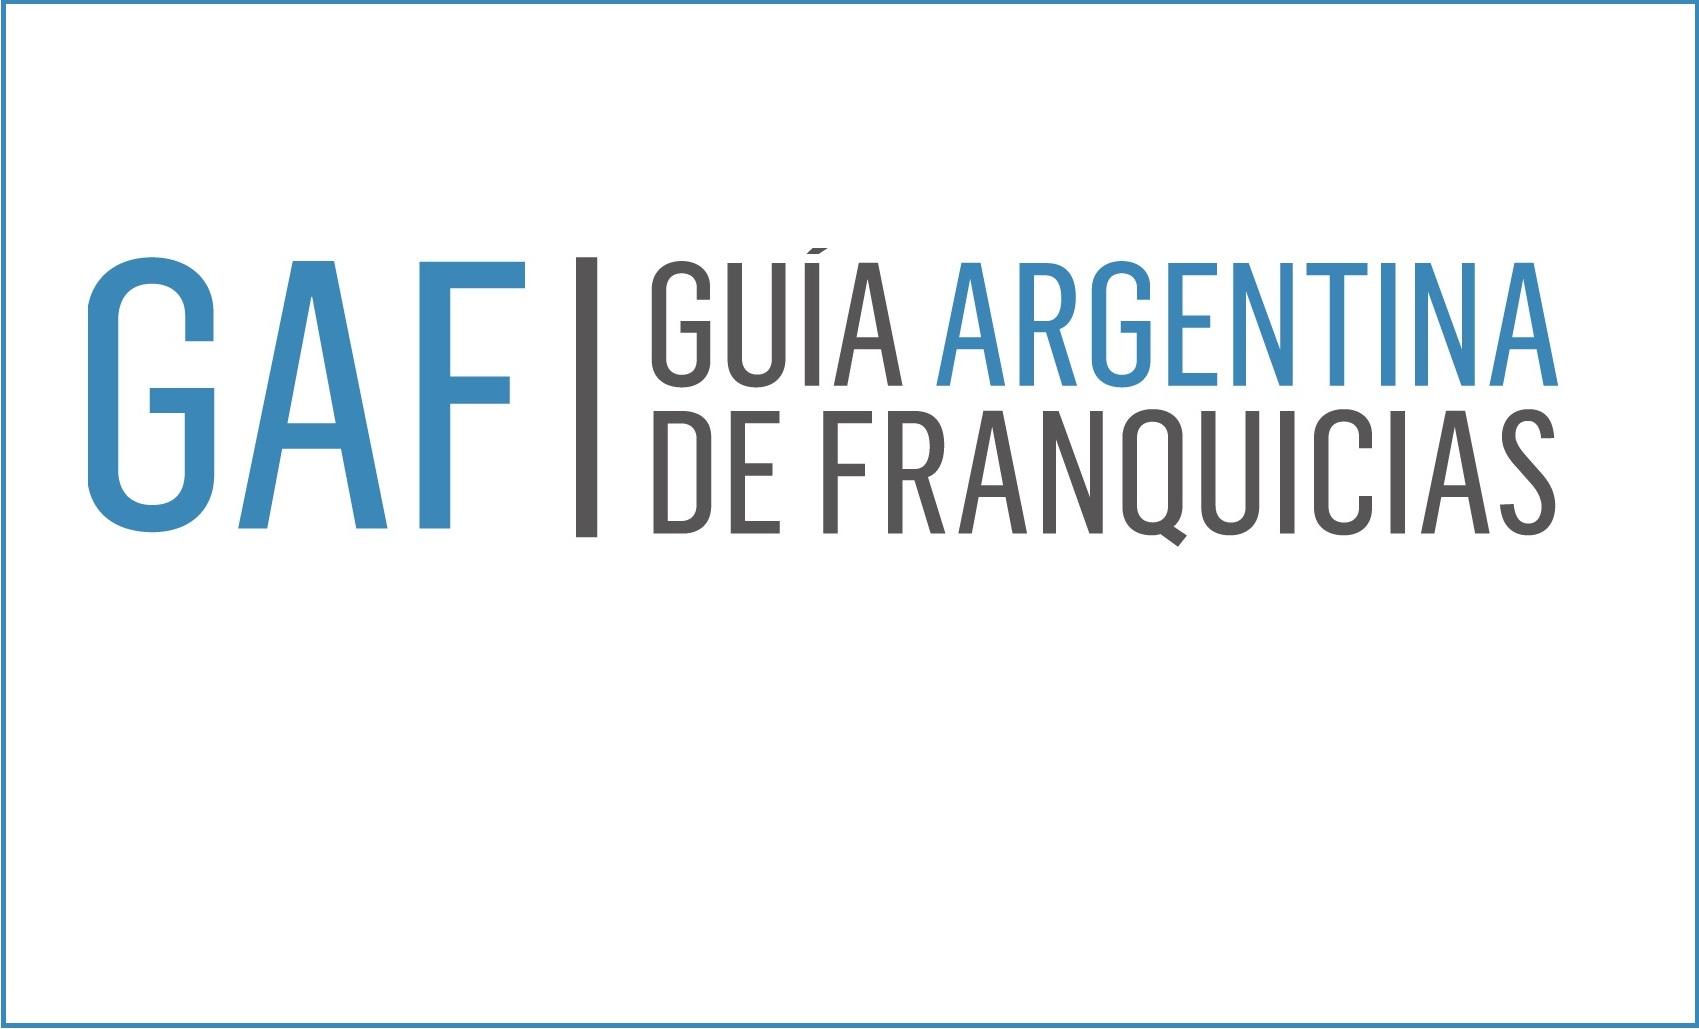 GAF presente en las exposiciones de franquicias de Bolivia y Paraguay